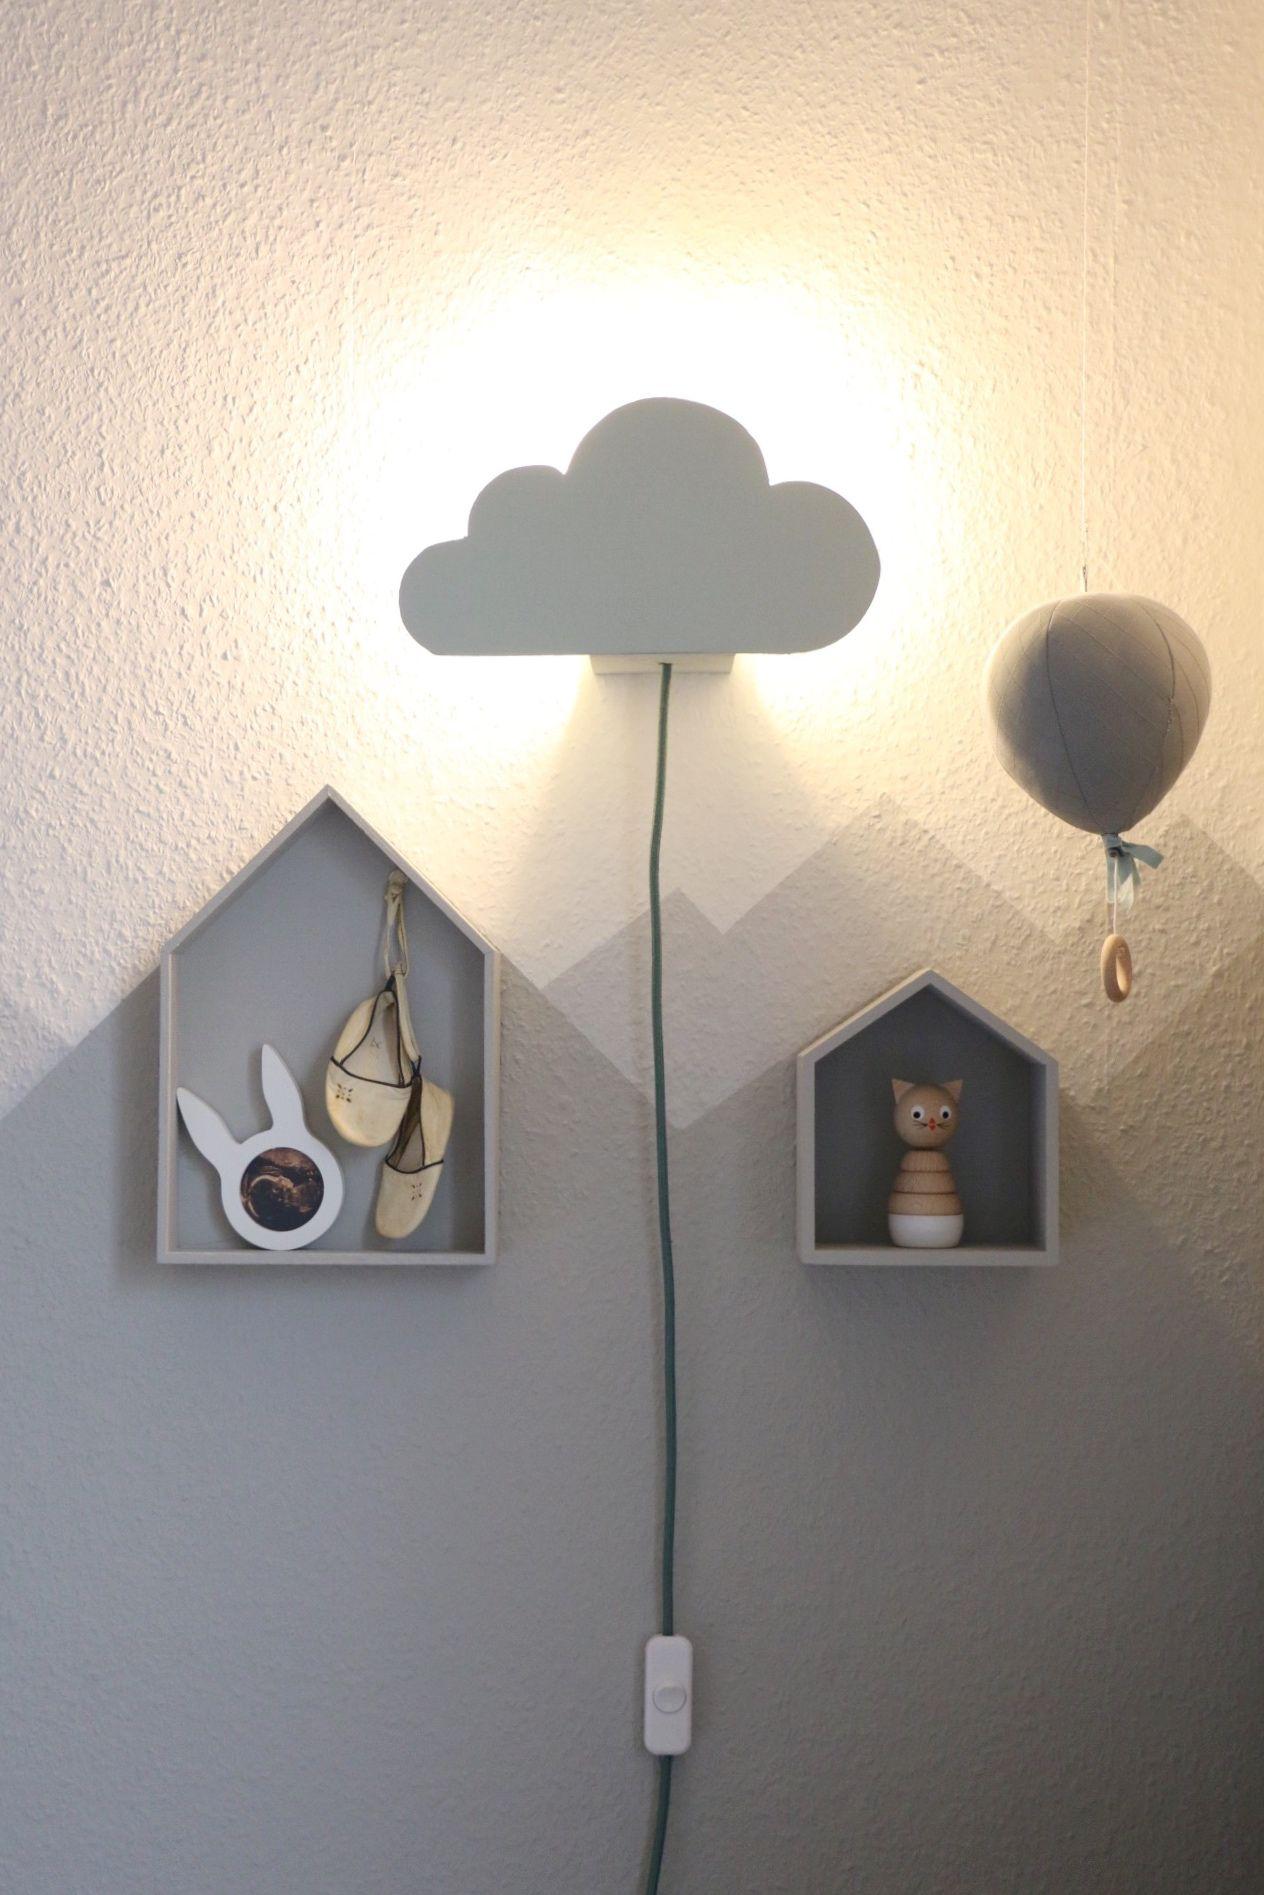 DIY Cloud Lamp   Wolkenleuchte Für Die Wickelecke By Eat Blog Love